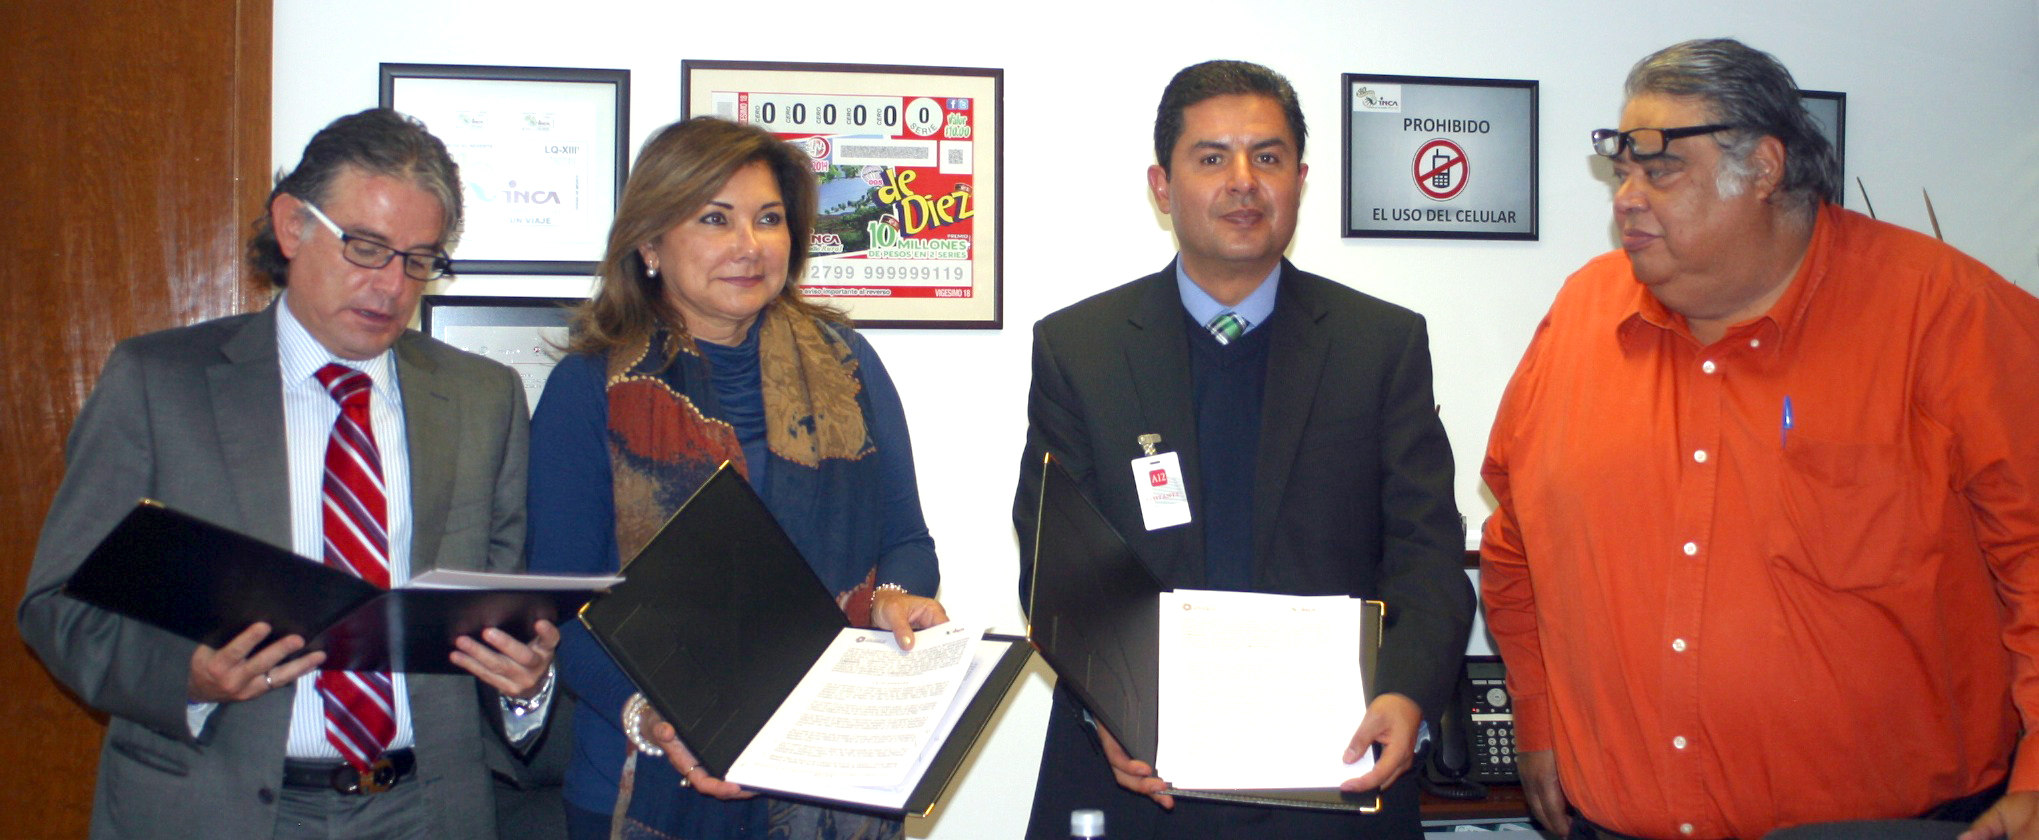 Otorga SAGARPA en comodato el Centro de Capacitación Campesina al gobierno de Zacatecas